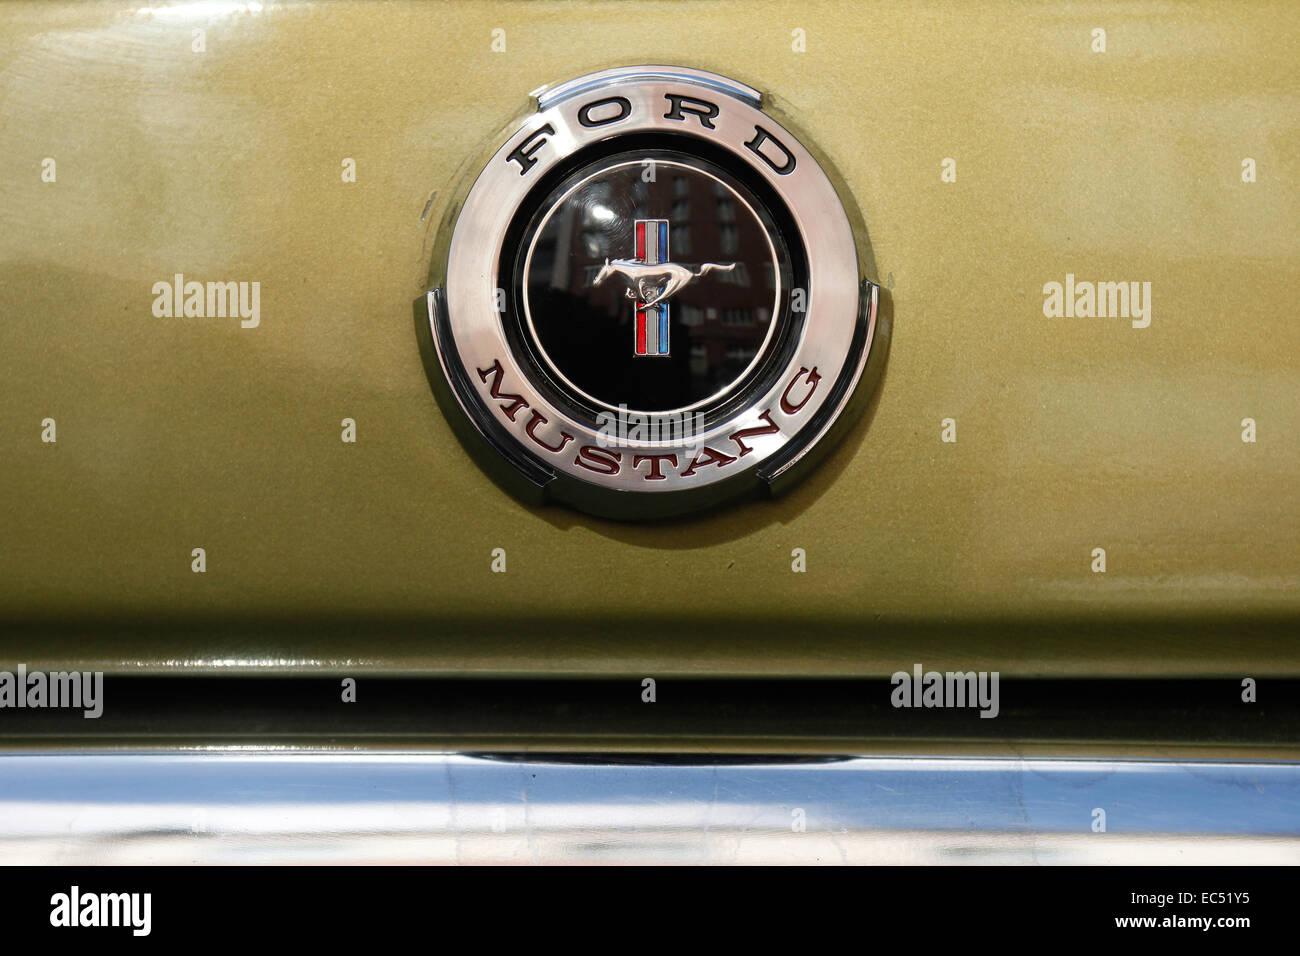 Kultauto Stockfotos & Kultauto Bilder - Alamy